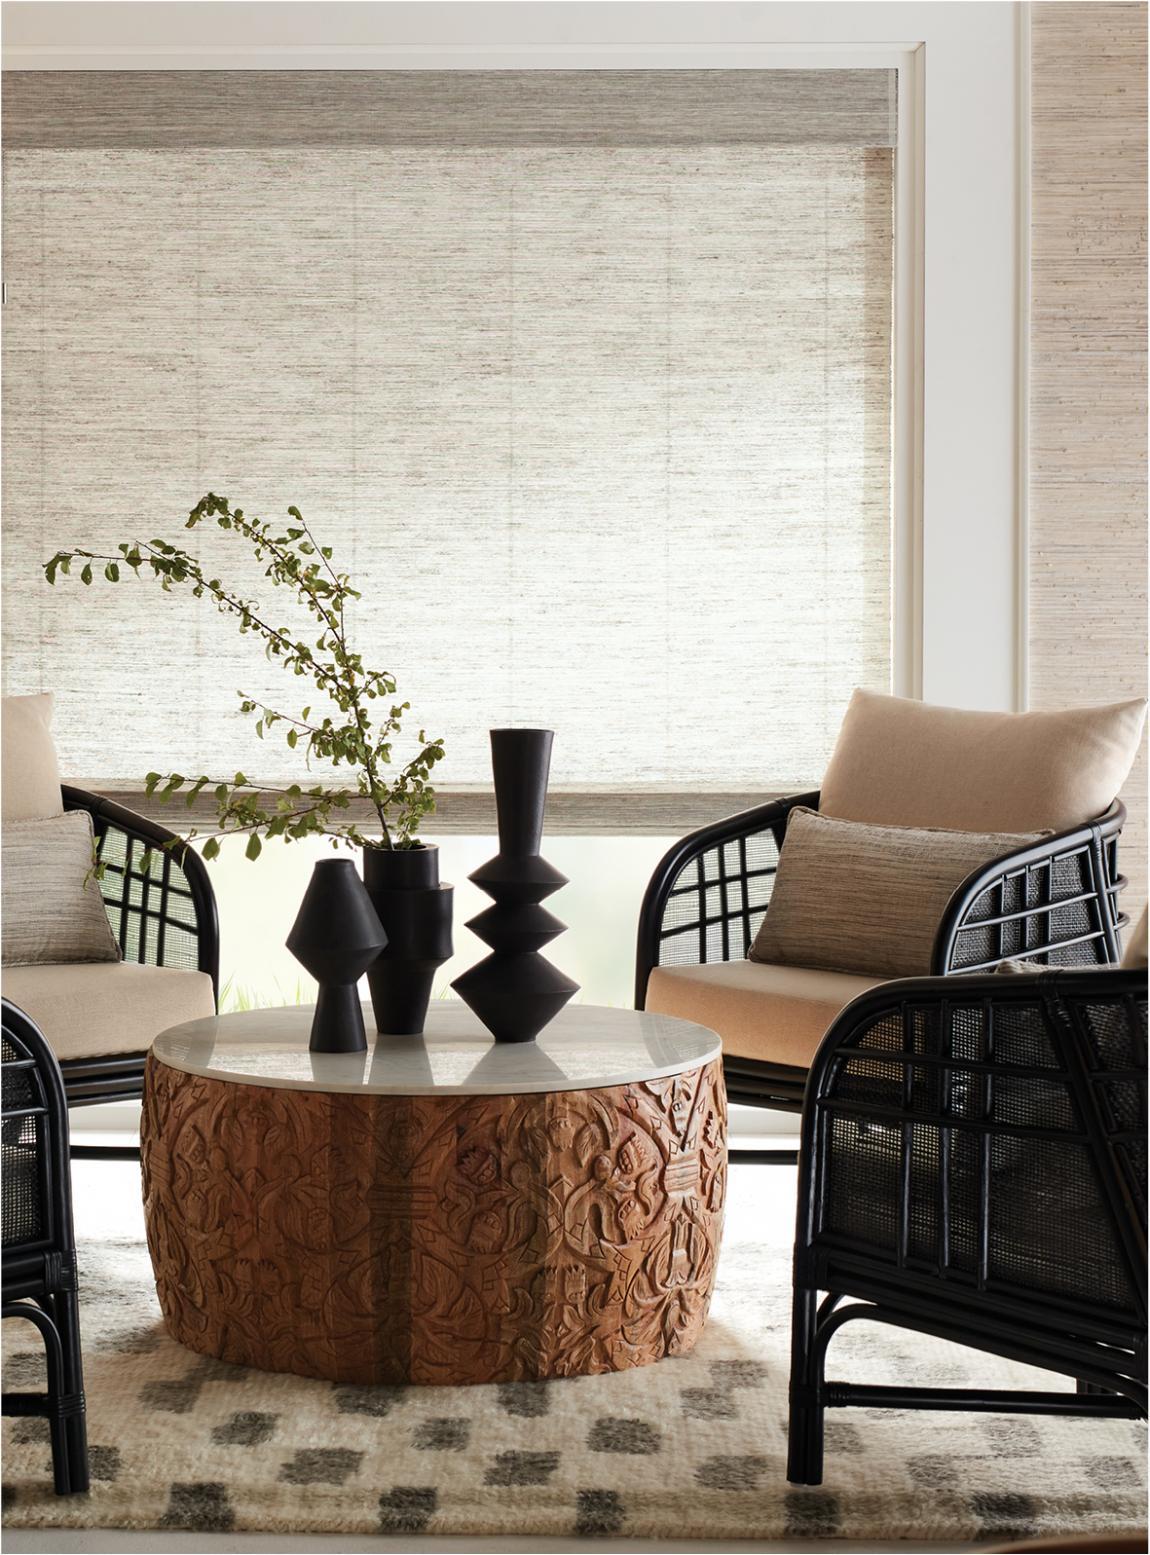 LE1160 Driftwood Sapi | Ceramics: Bobbi Specker